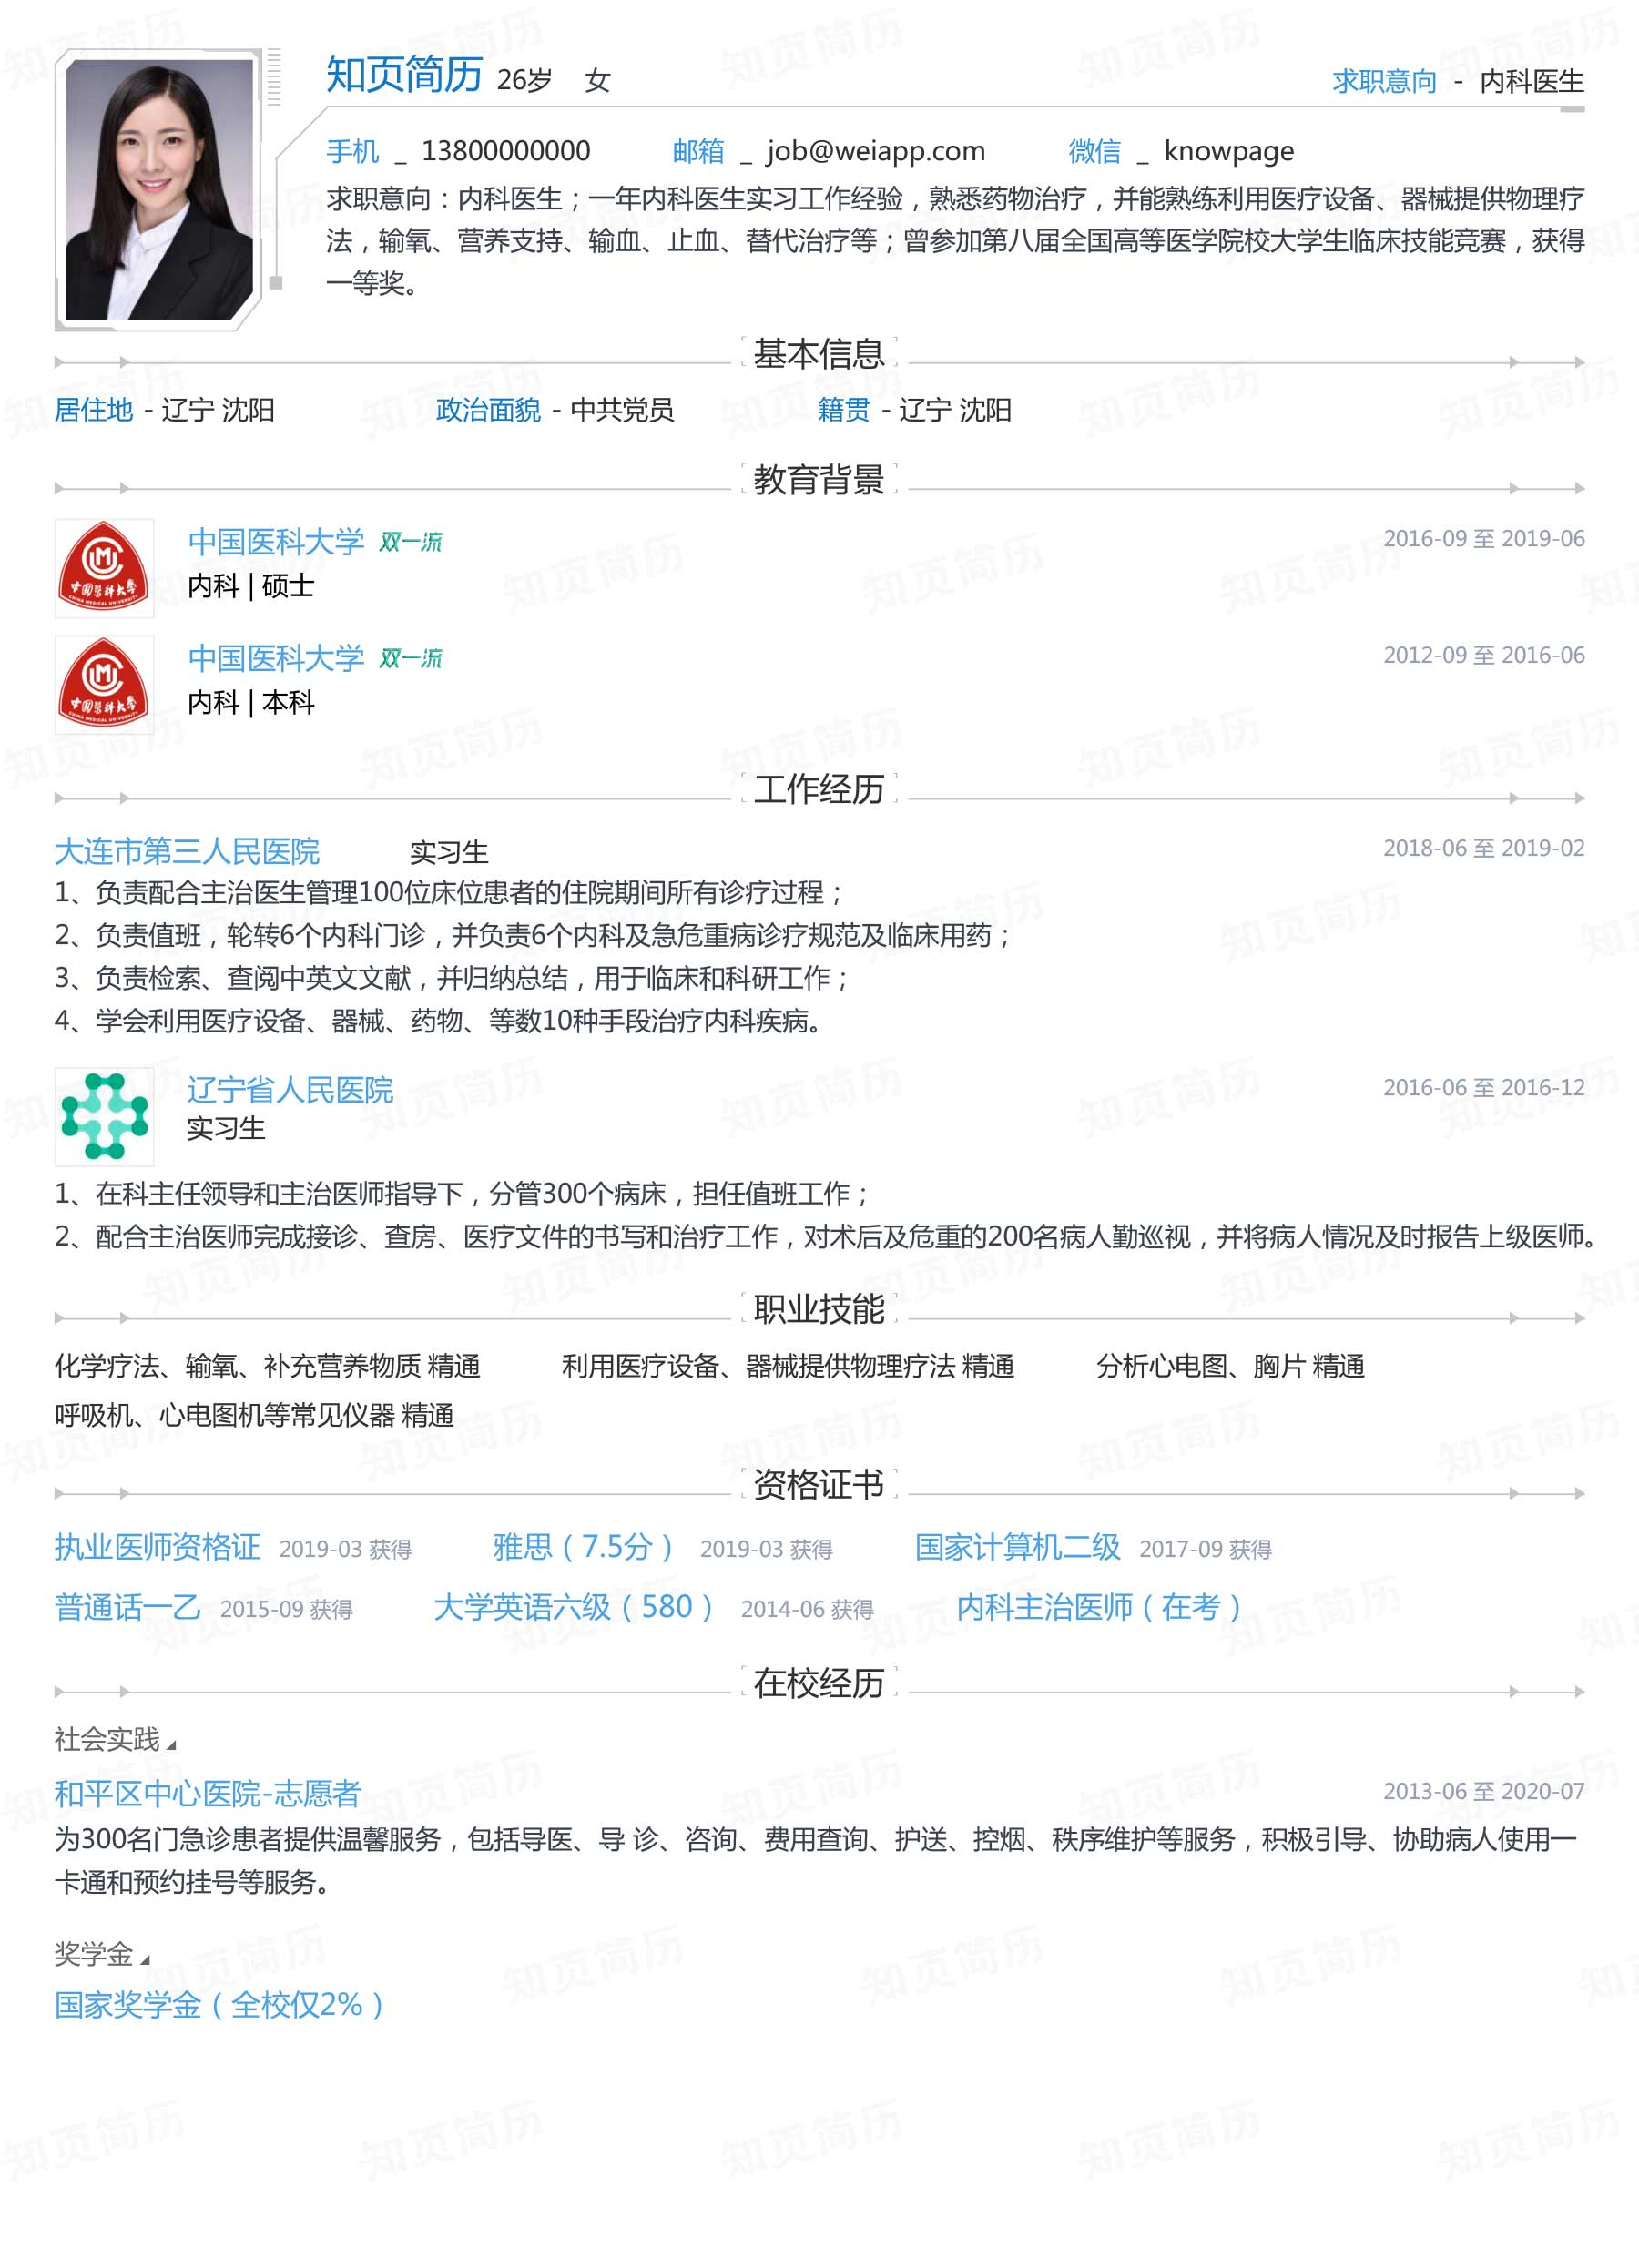 2020校招求职个人简历模板(内科医生)